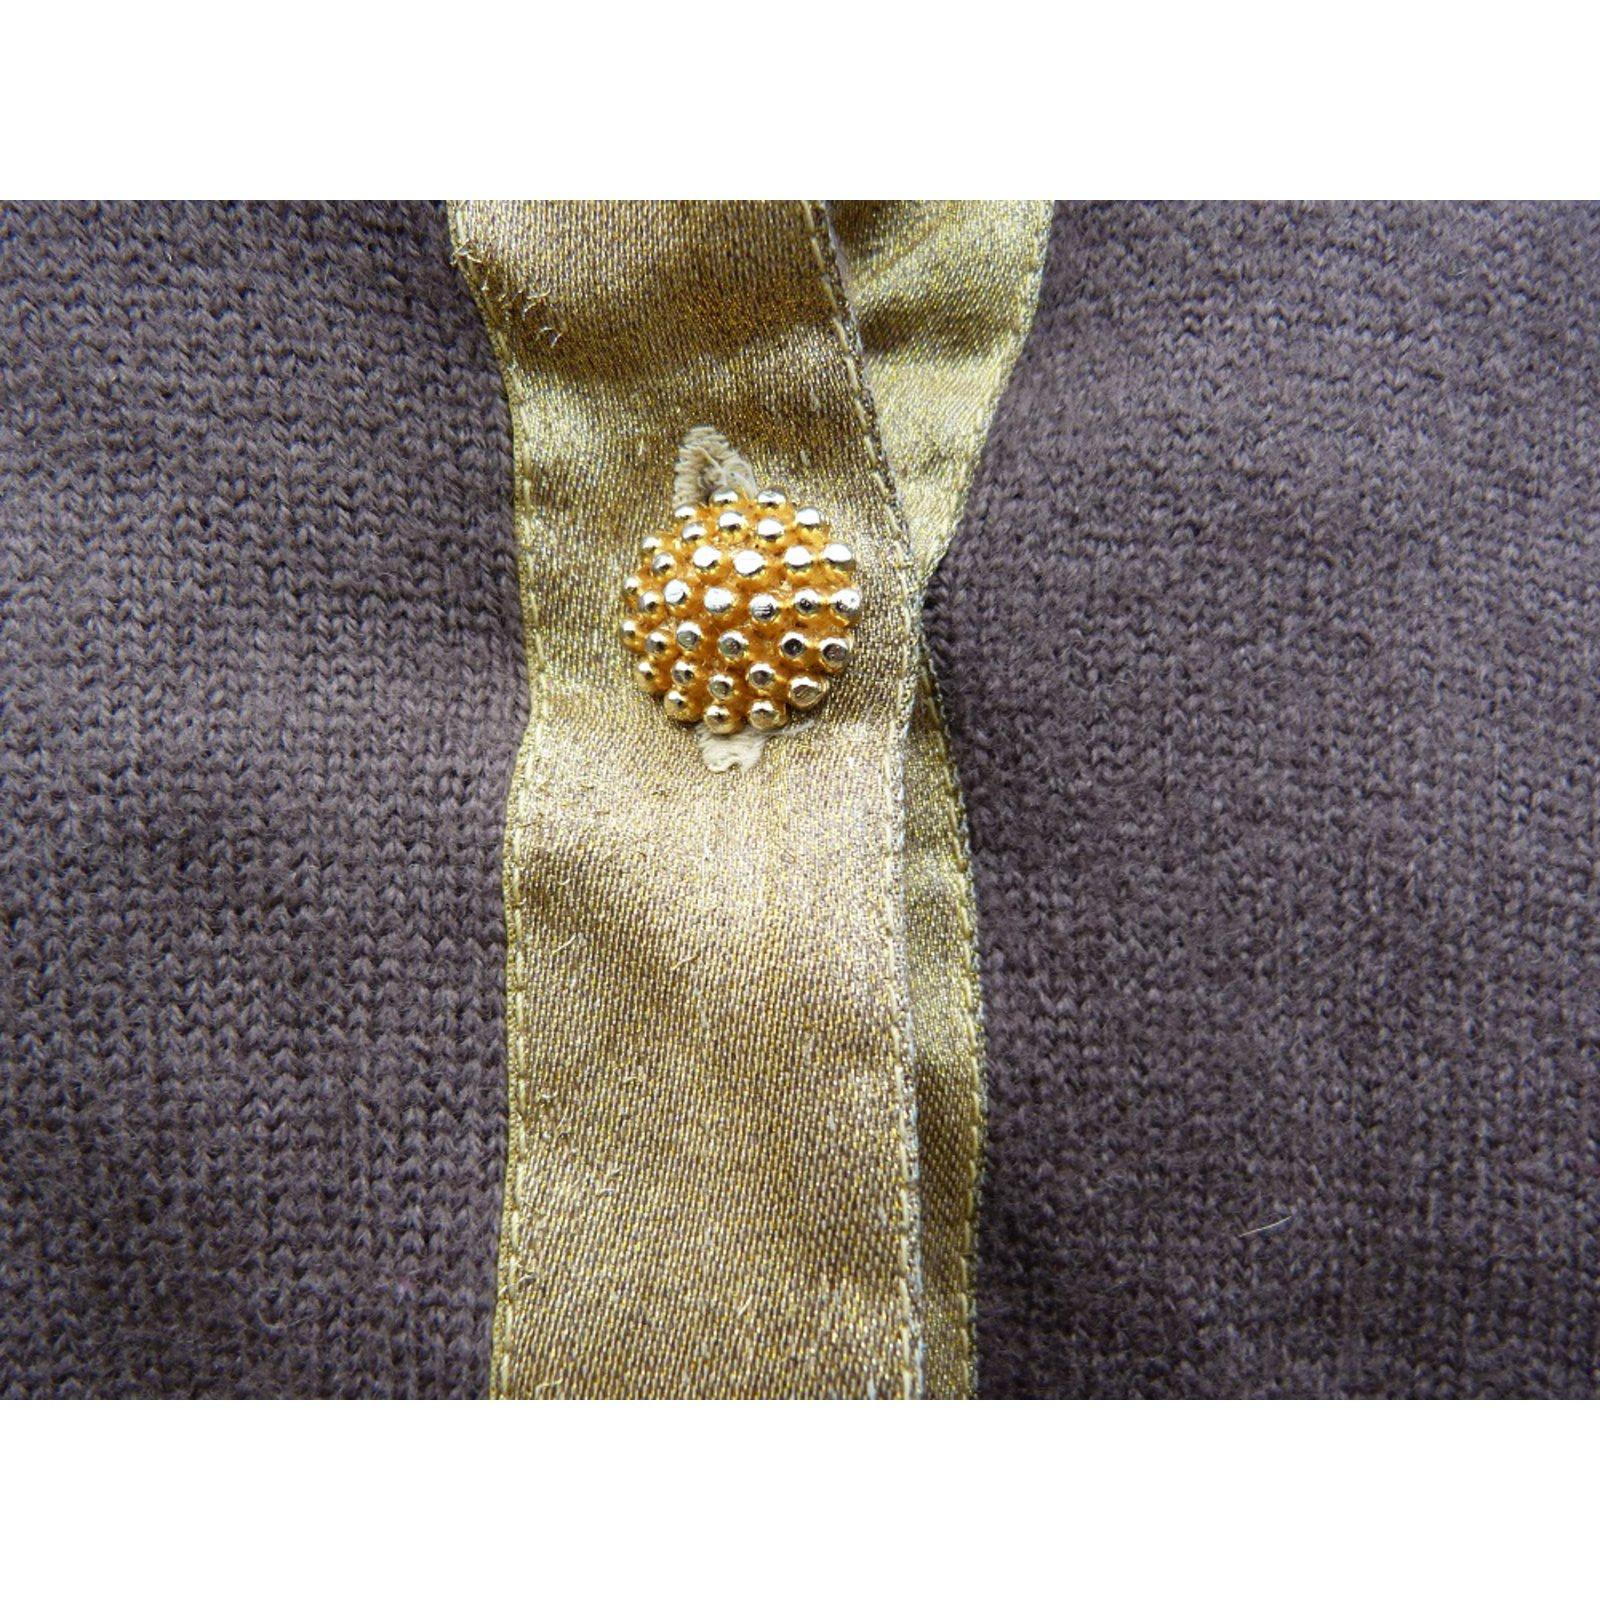 6959a9fd79d76e Yves Saint Laurent Knitwear Knitwear Wool Brown,Golden ref.89412 - Joli  Closet